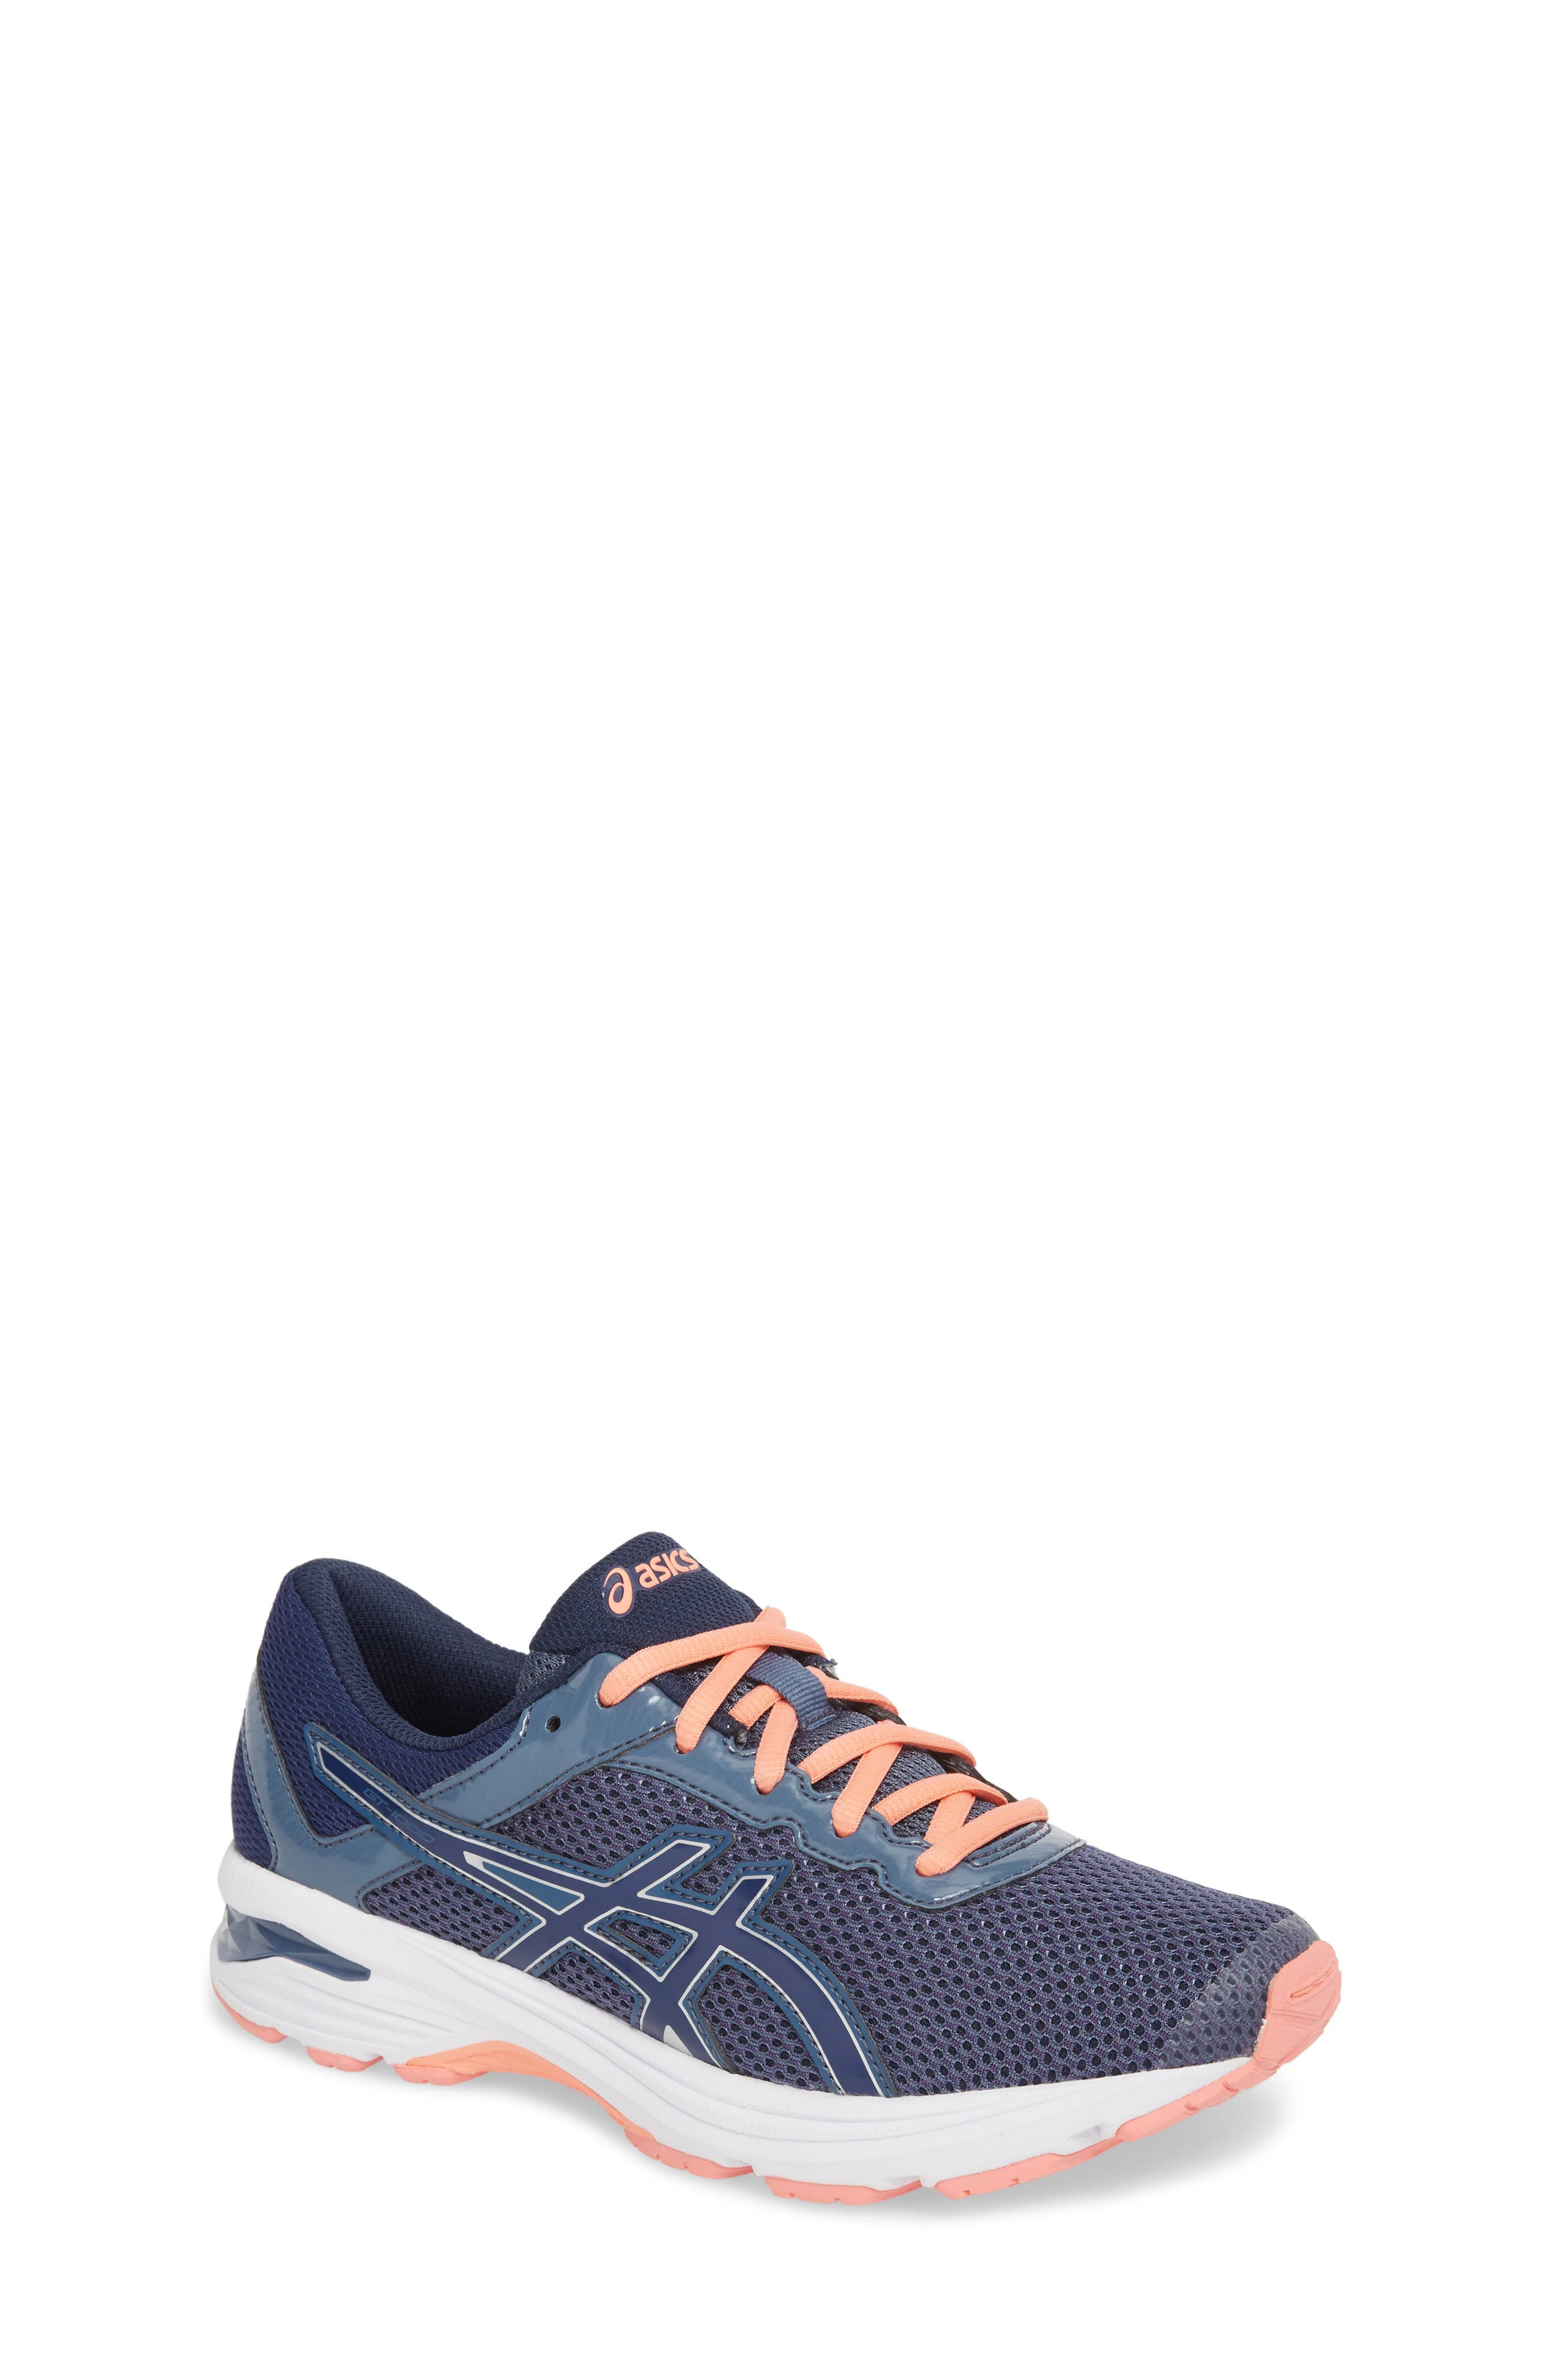 Asics GT-1000™ 6 GS Sneaker (Little Kid & Big Kid)